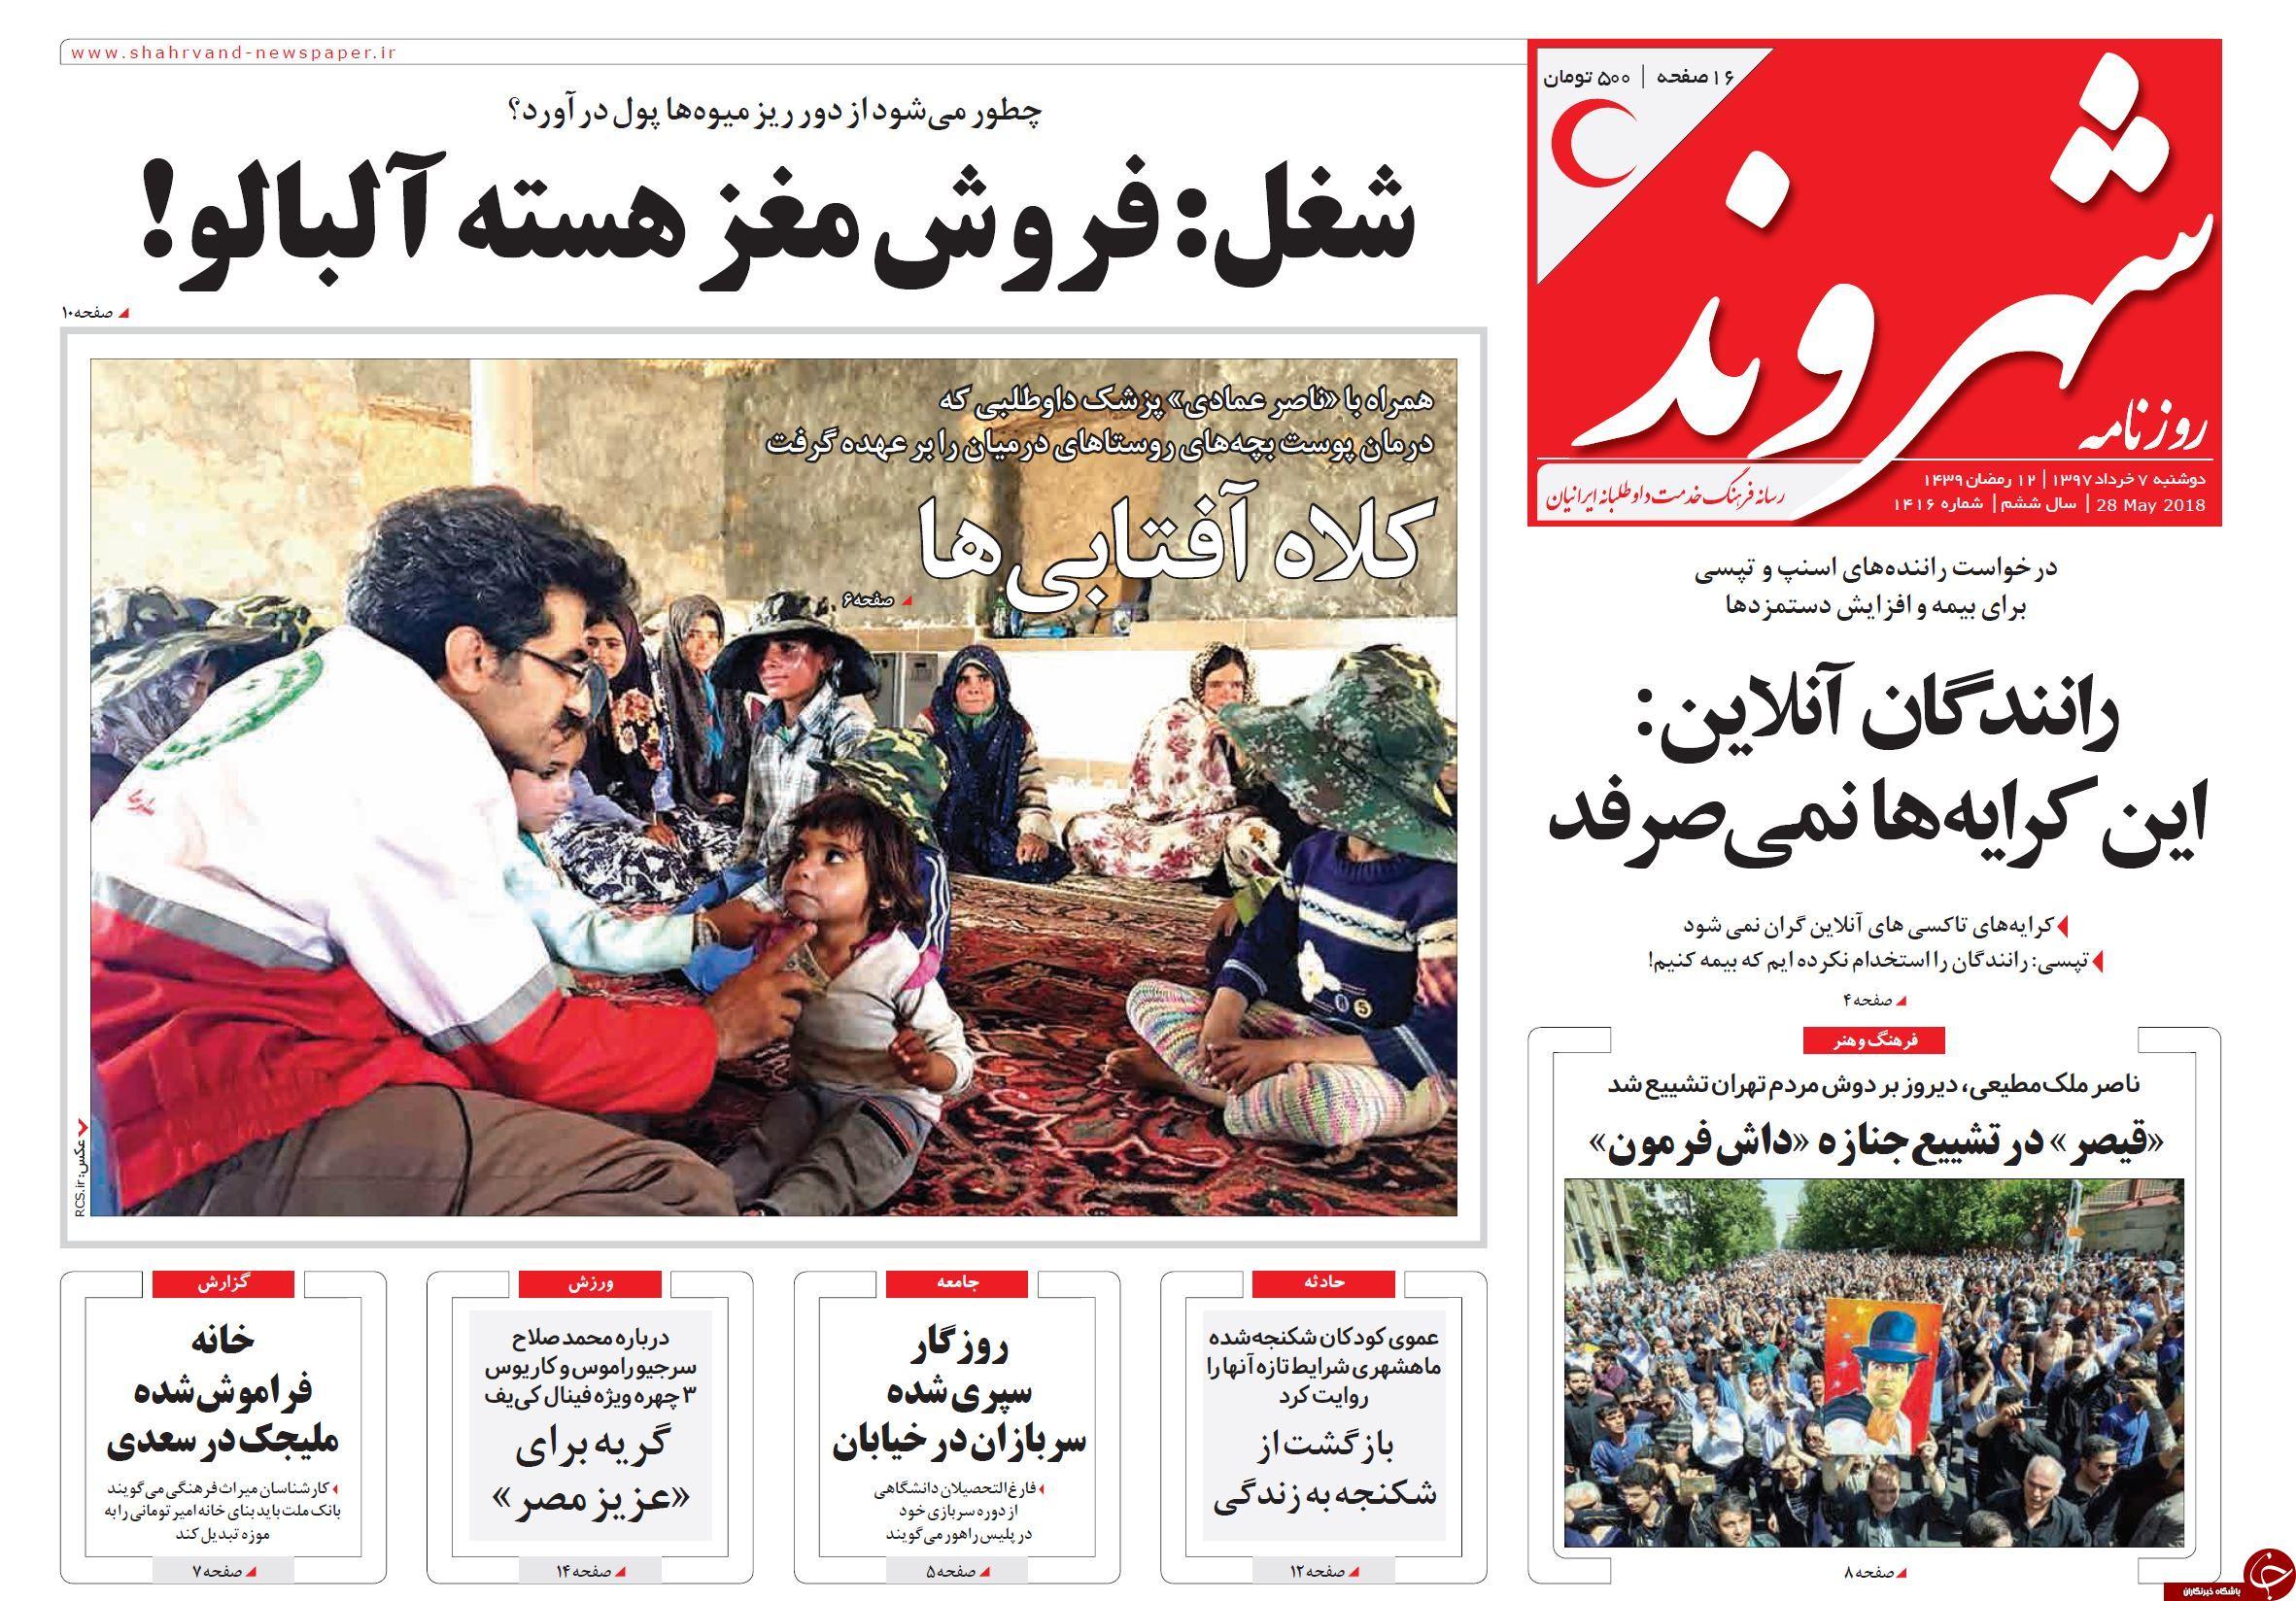 لاریجانی در تله 3 قطبی/تناقض عجیب در وزارت نفت/واردات زشت!